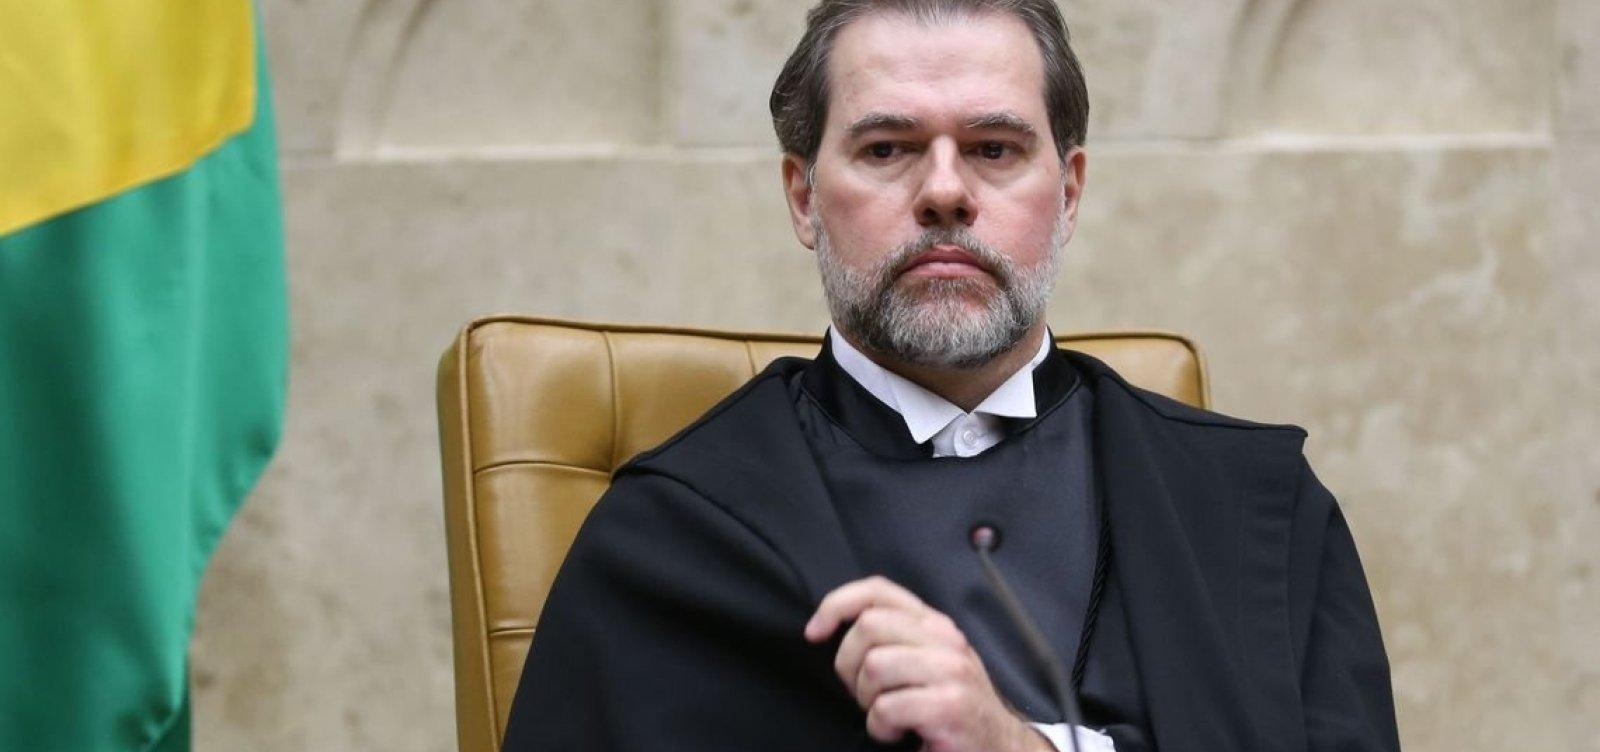 [Após decisão de Toffoli, ao menos 700 investigações são paralisadas]